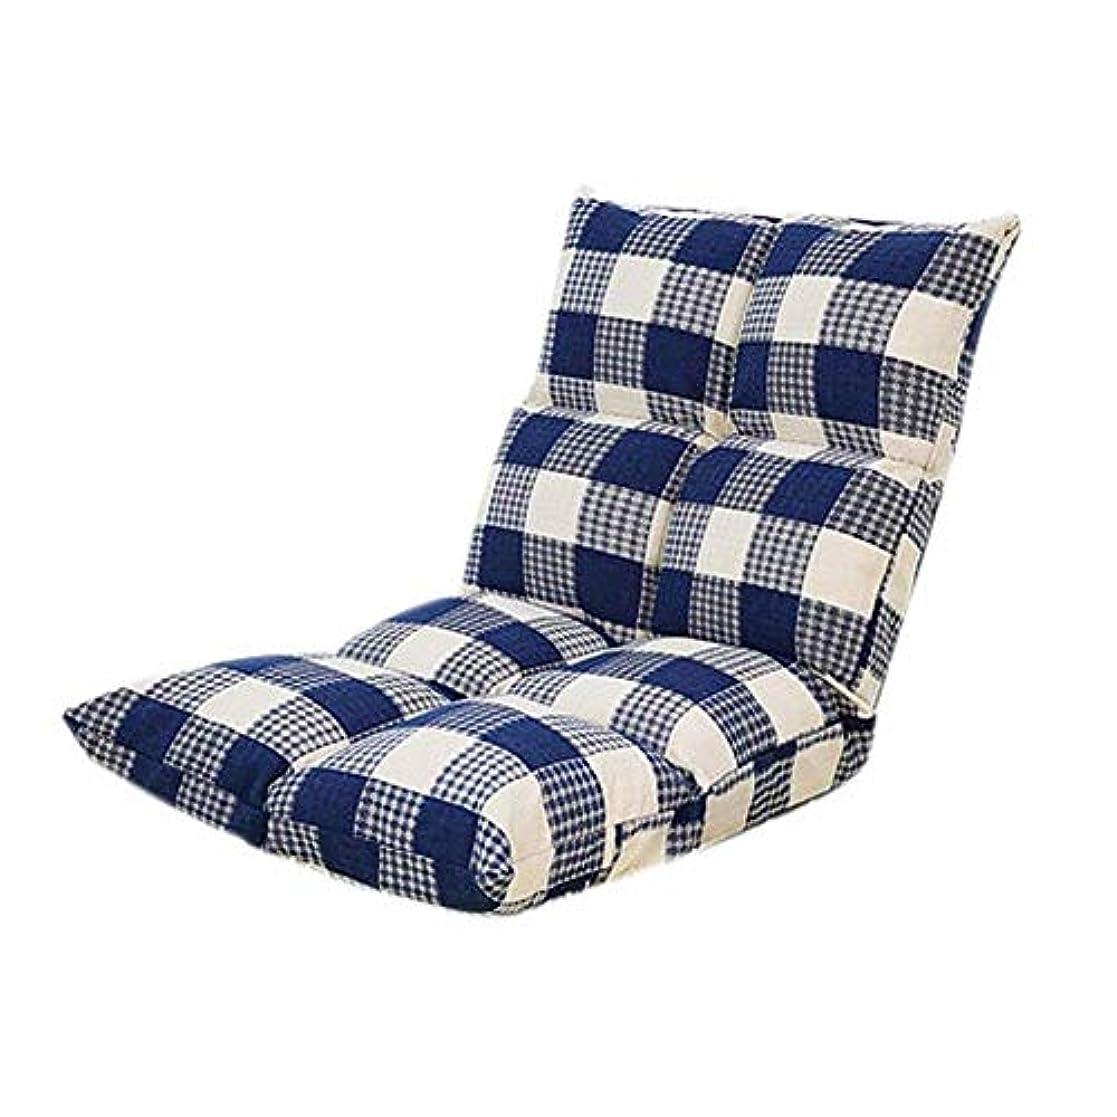 過ち芸術的設計図怠zyなフロアチェア、畳クッション、シングルメディテーションチェア、背もたれ一体型フロアクッション、折りたたみ式厚手バルコニー和風、調節可能な椅子怠Adjustなソファゲームチェア (Color : 青)